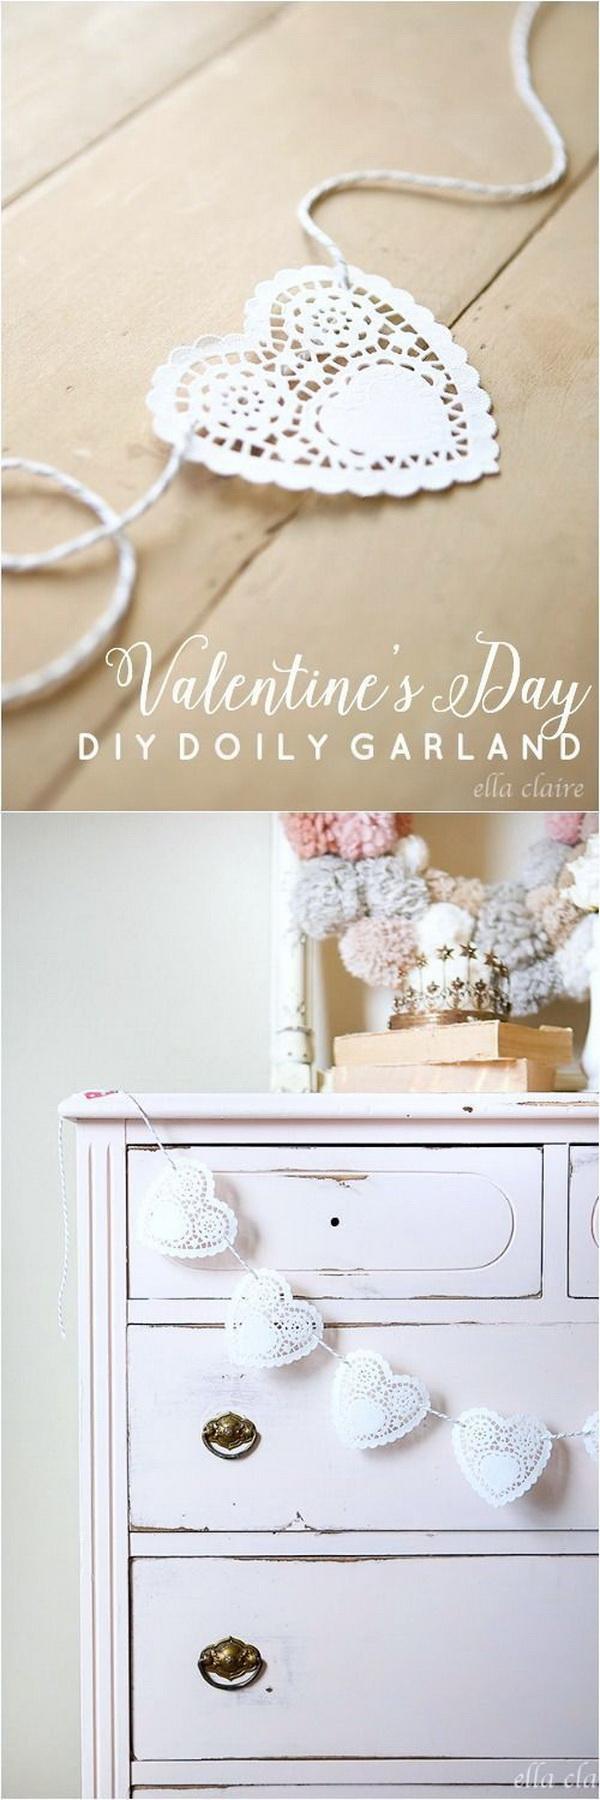 Valentine's Day Doily Garland.